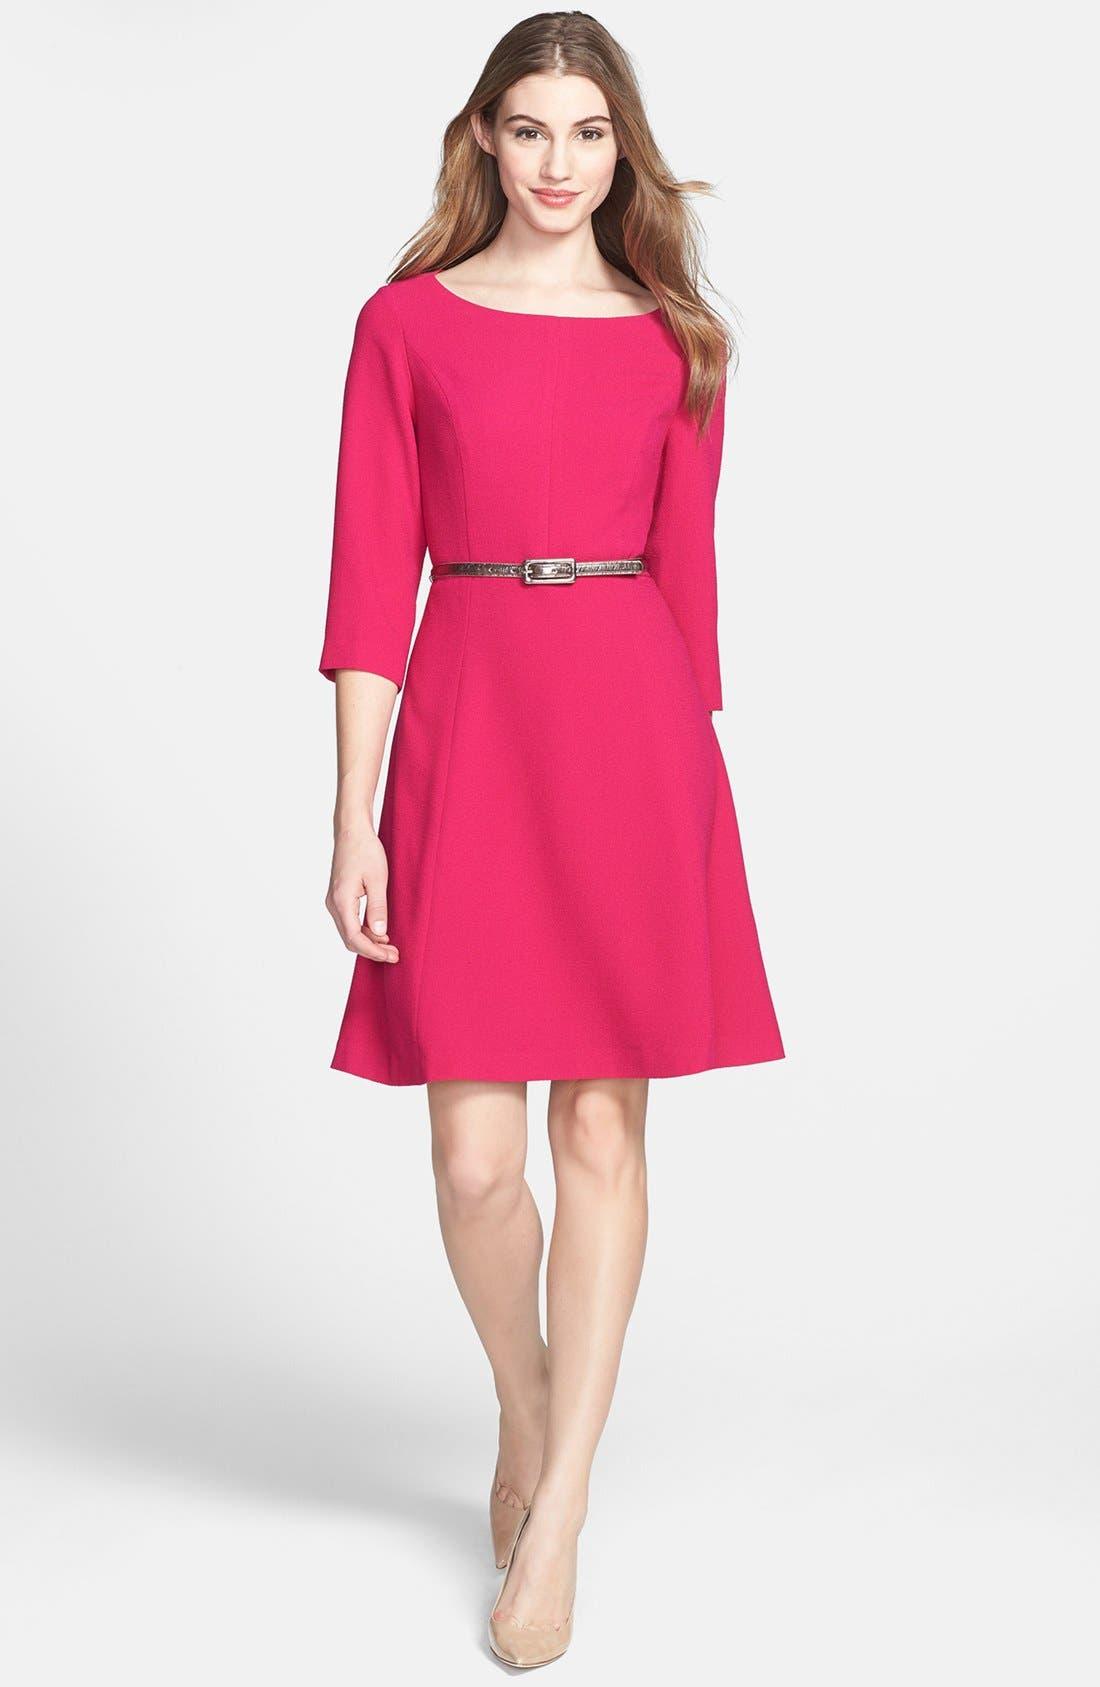 Alternate Image 1 Selected - Eliza J Crepe A-Line Dress